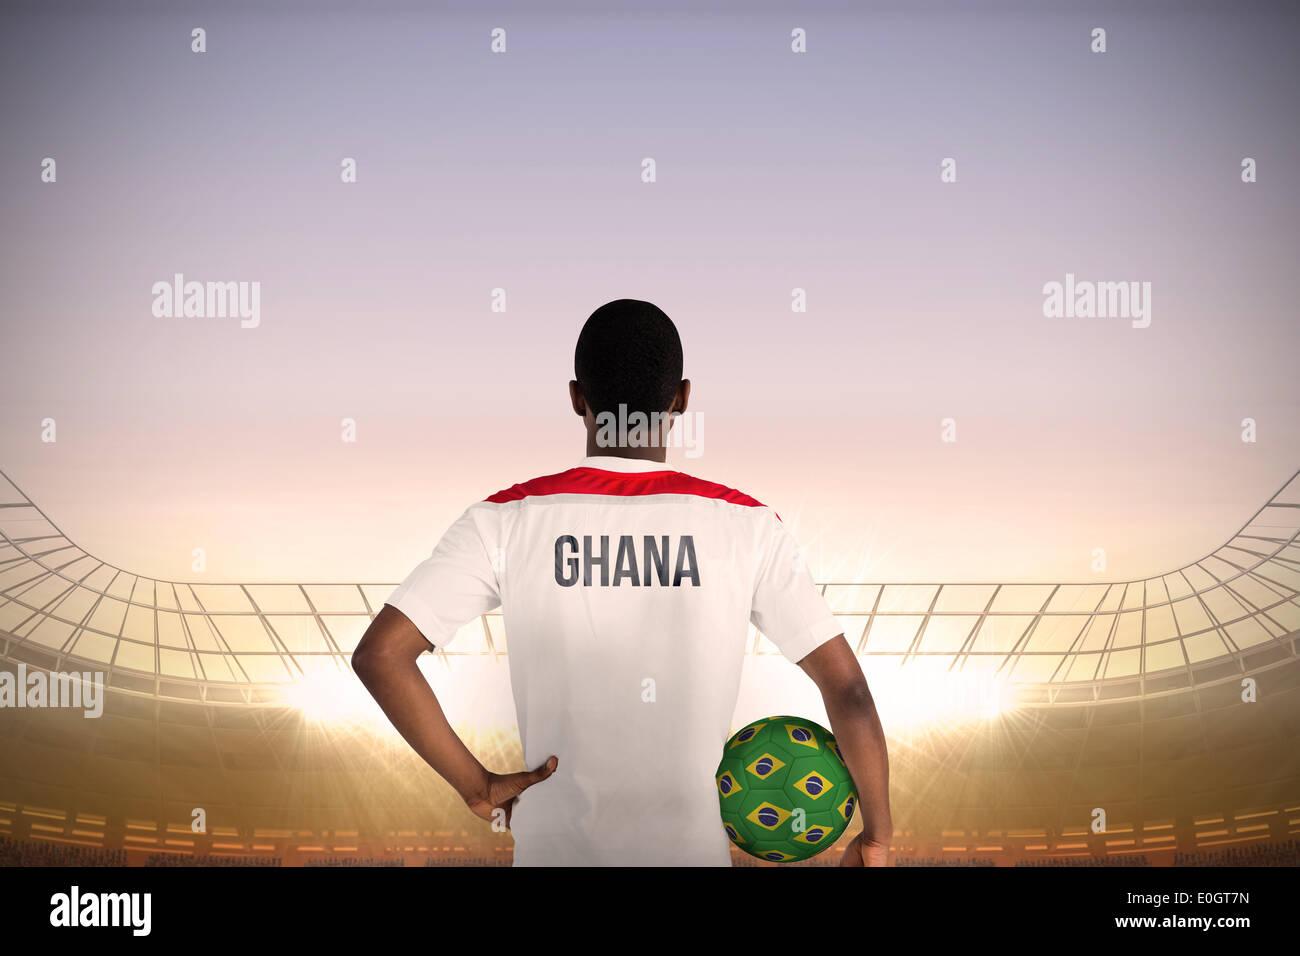 Ghana football player holding ball - Stock Image